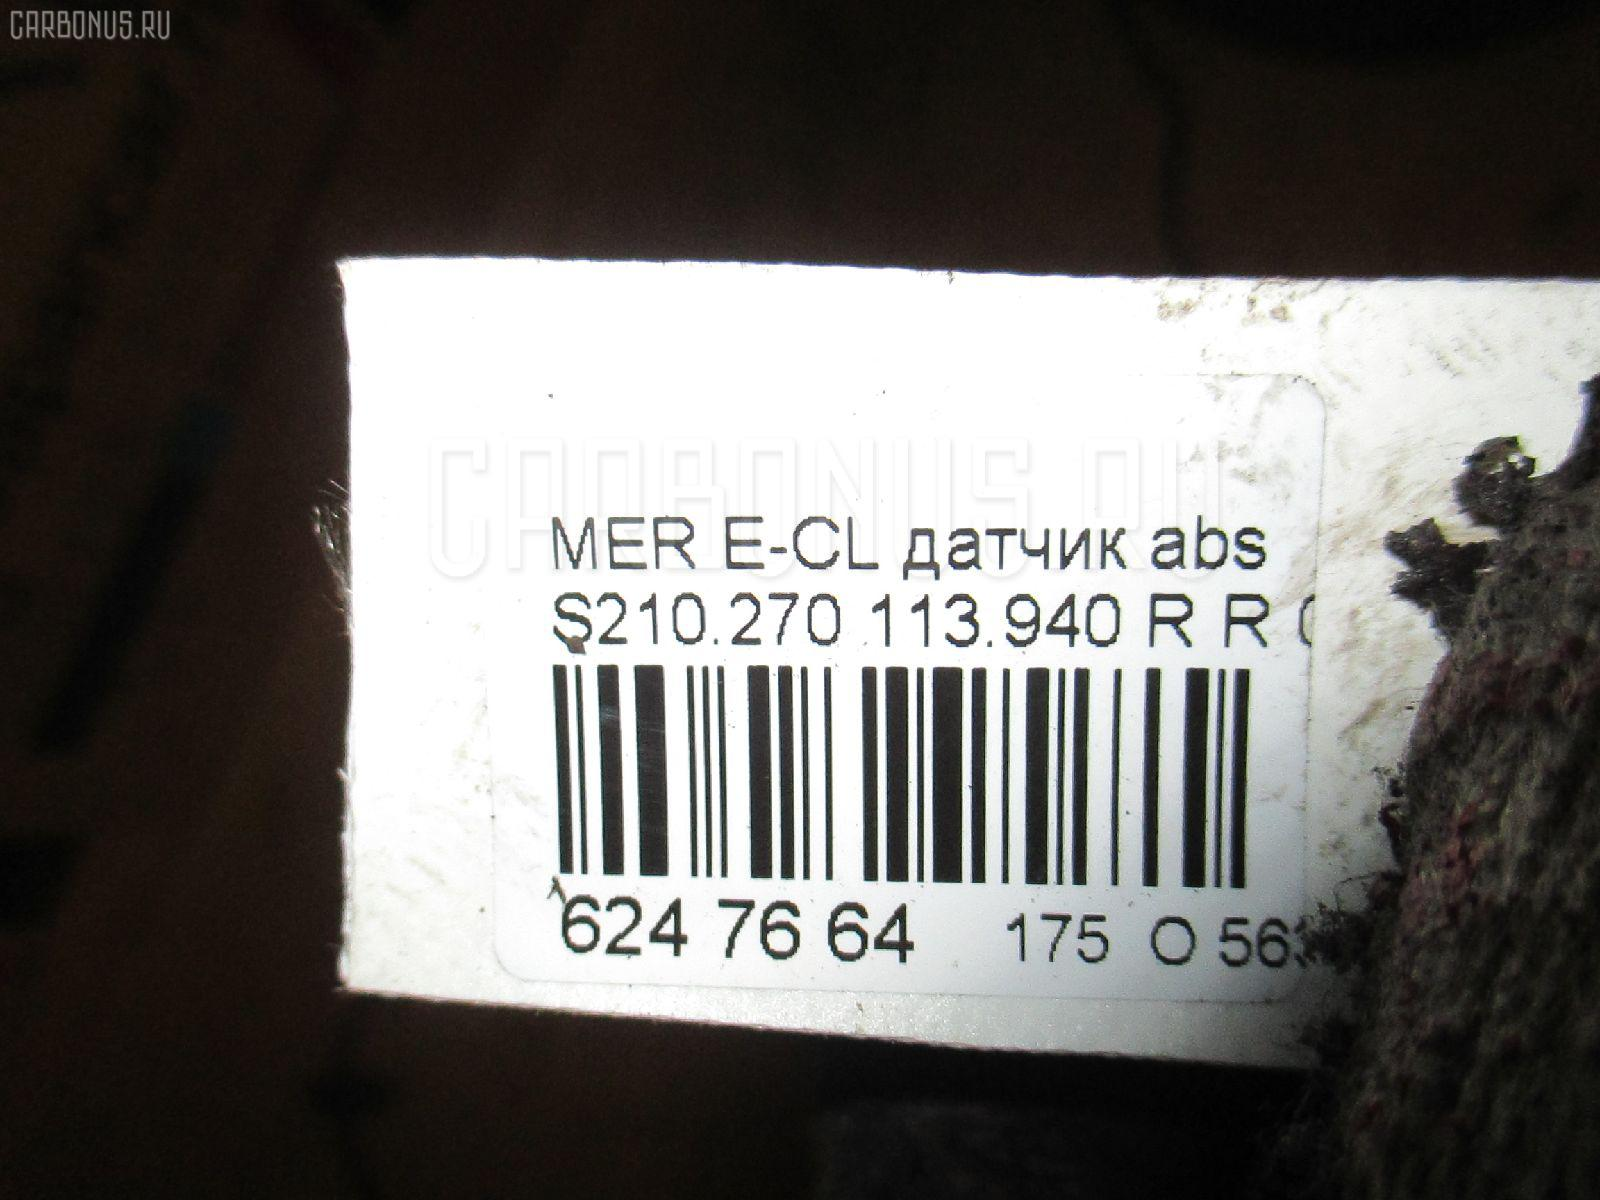 Датчик ABS MERCEDES-BENZ E-CLASS STATION WAGON S210.270 113.940 Фото 6